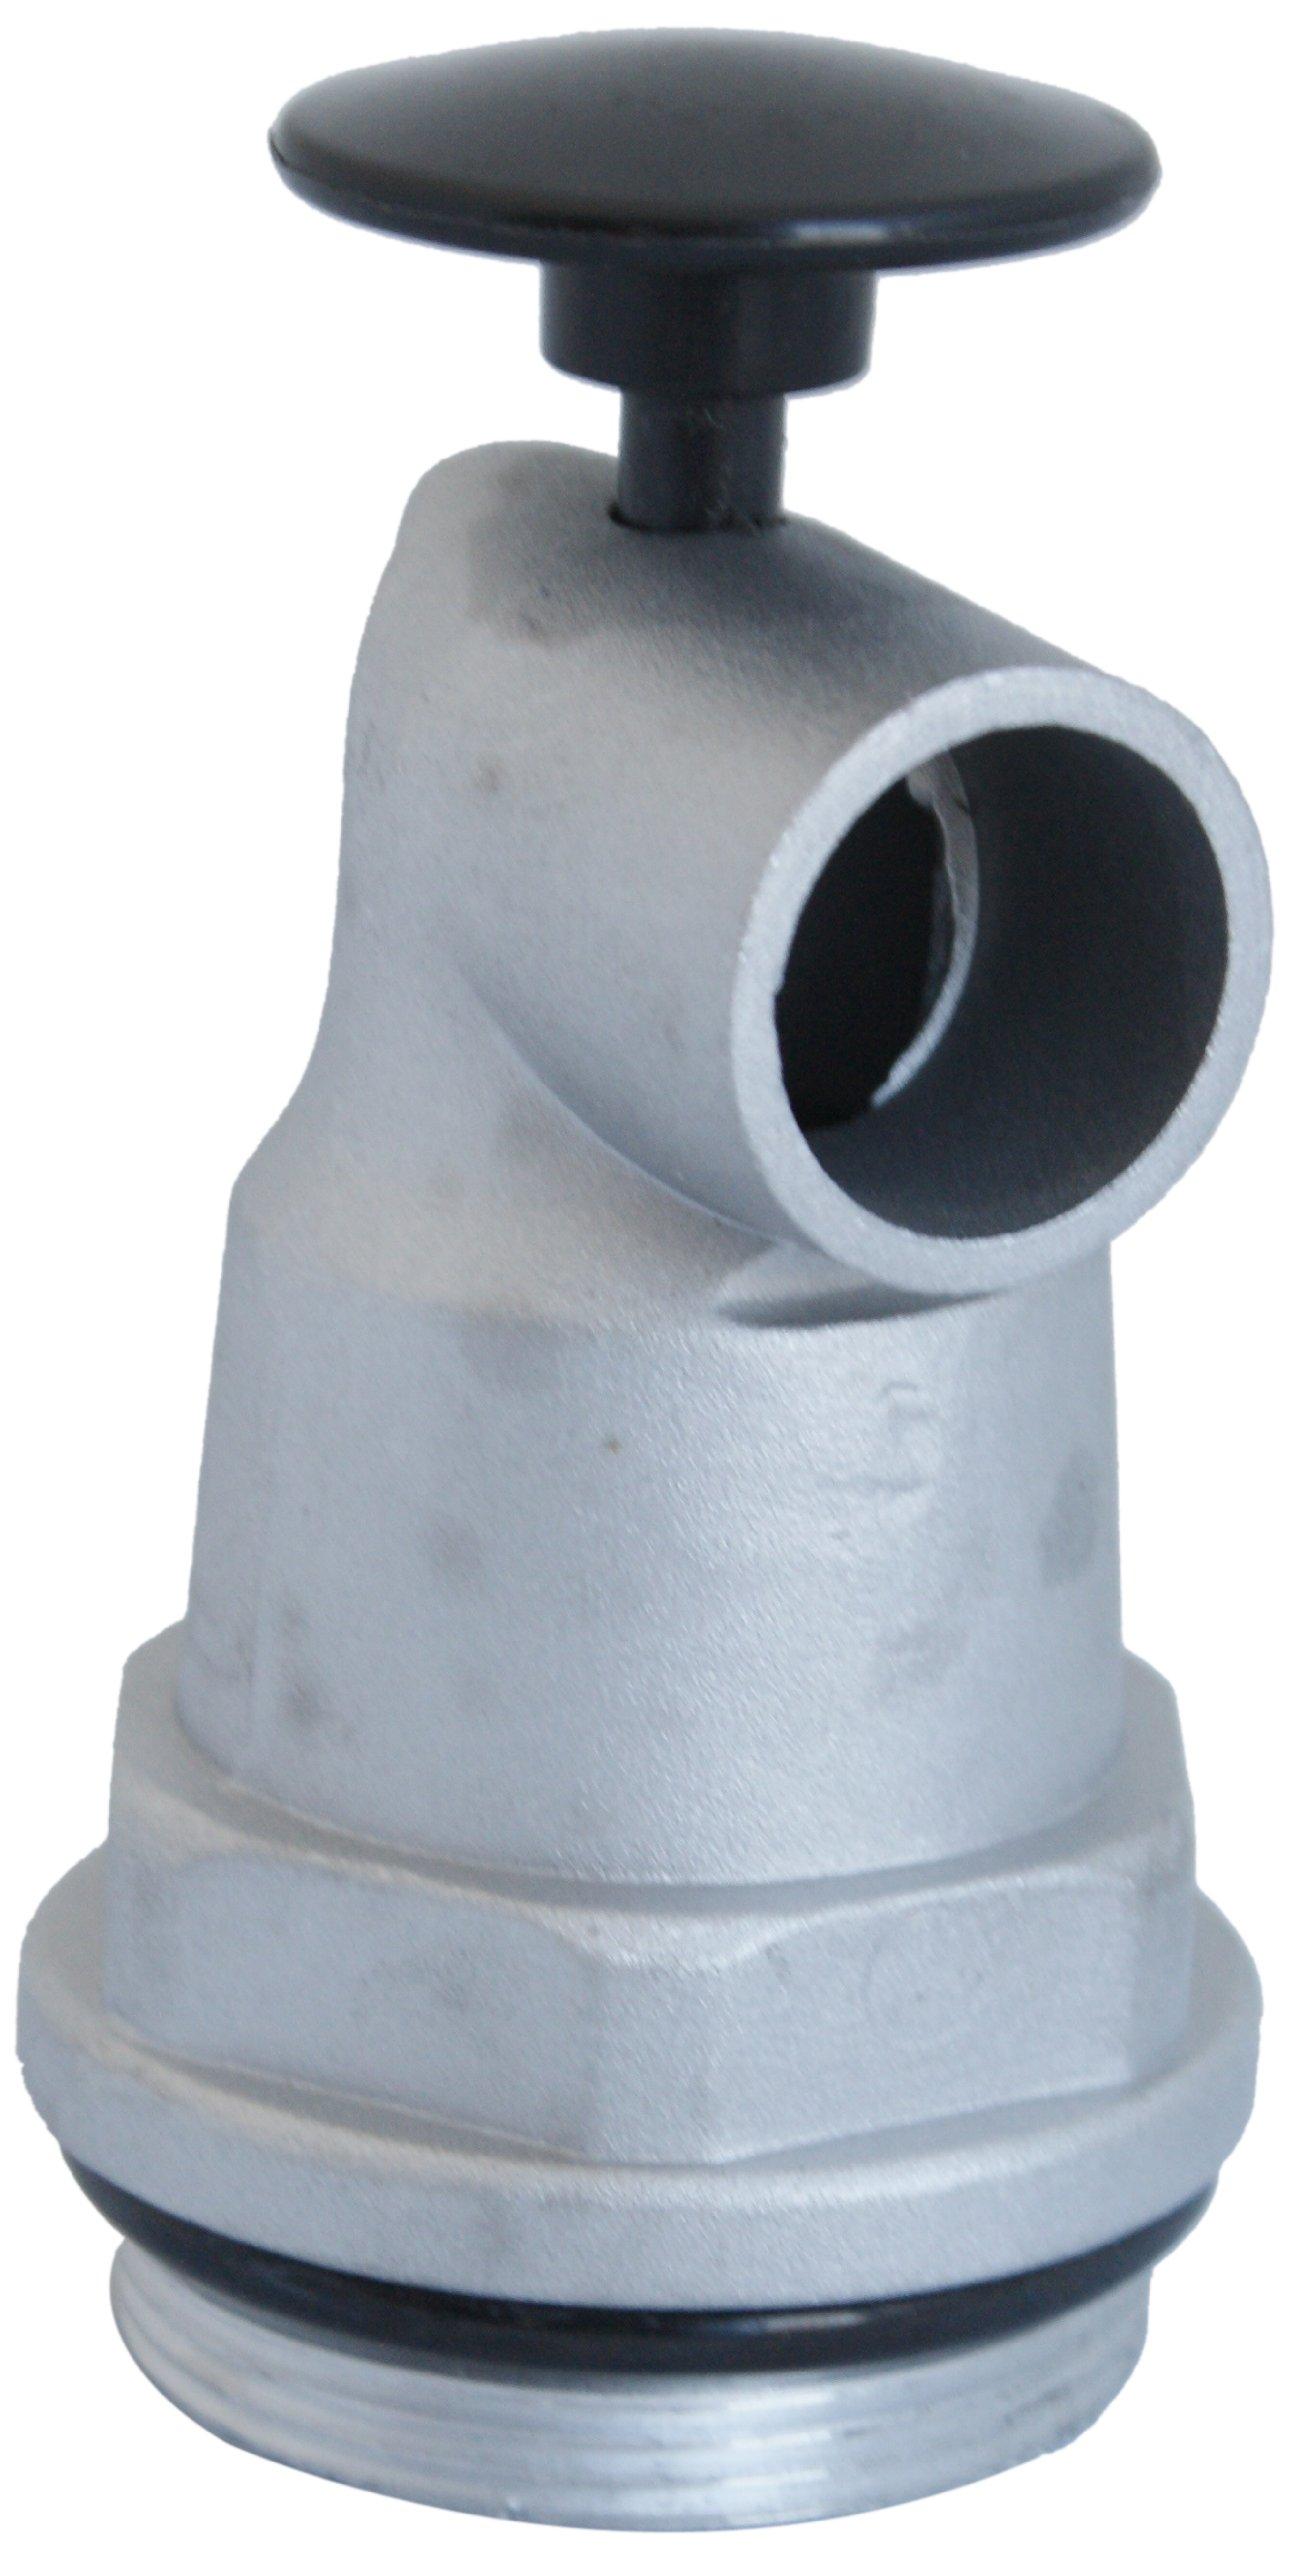 Action Pump 2GF Aluminum Drum Tap, Spring Loaded Push